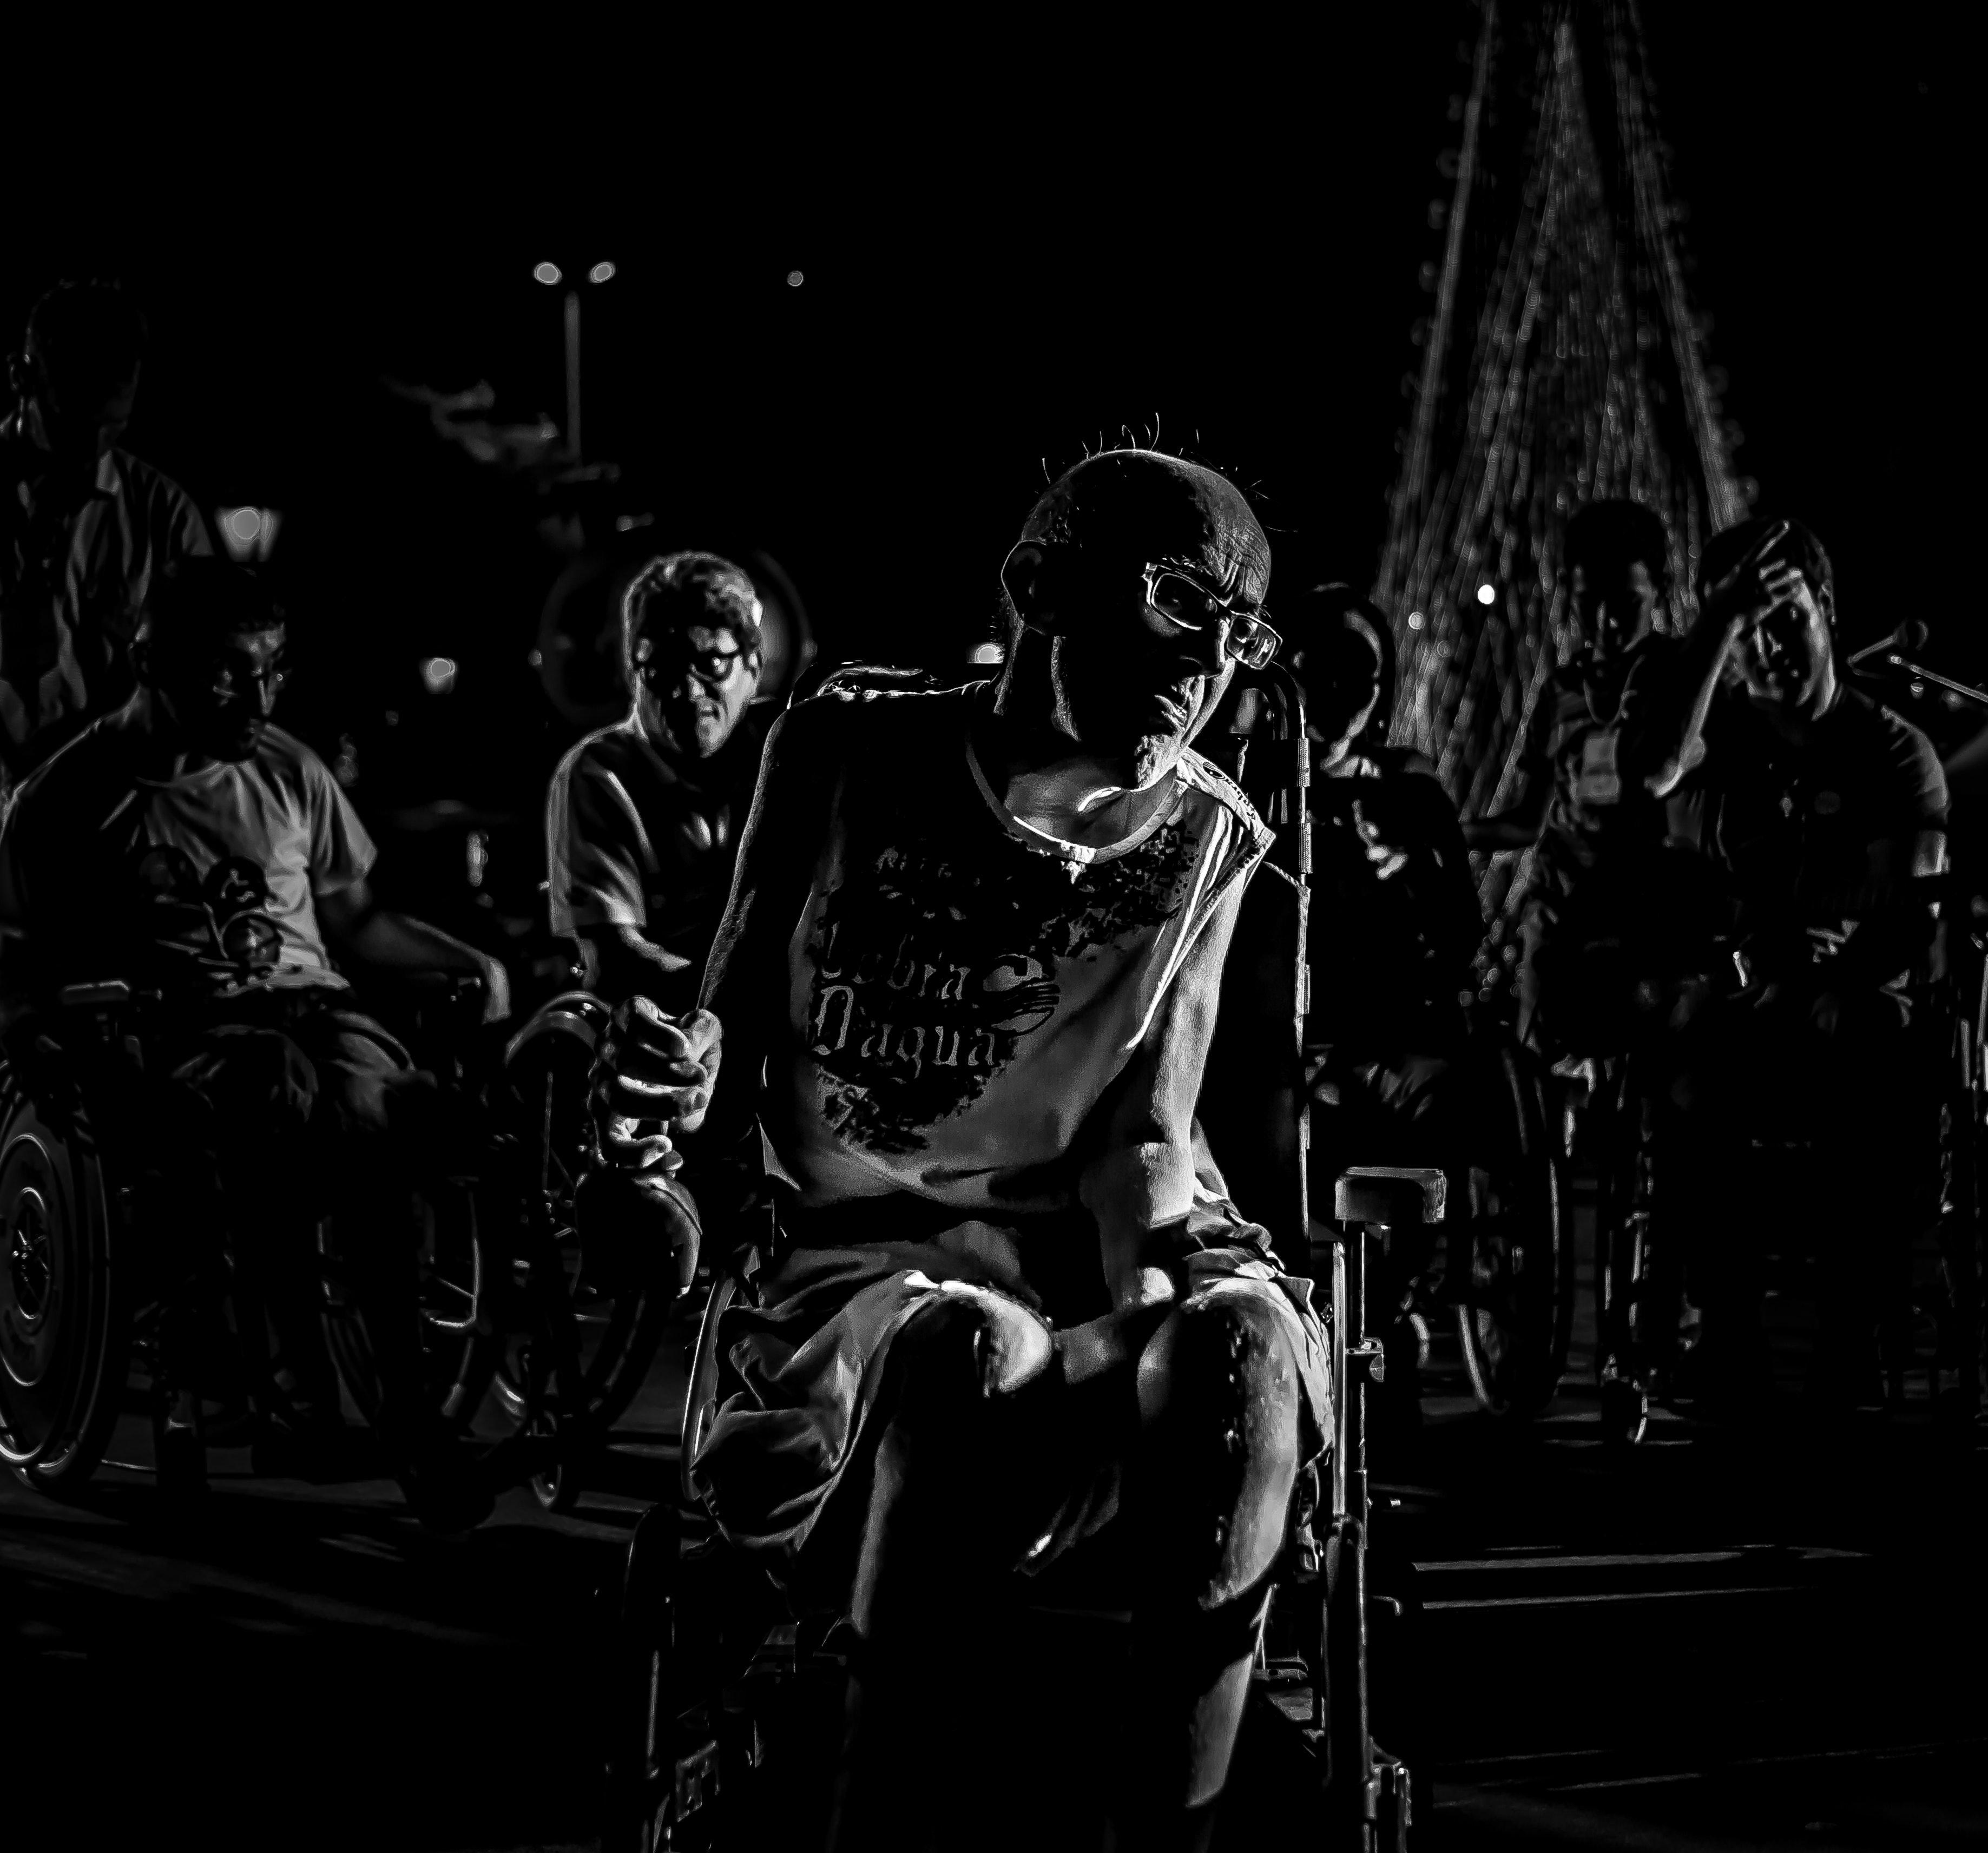 Foto stok gratis tentang hitam putih hitam dan putih hitam putih